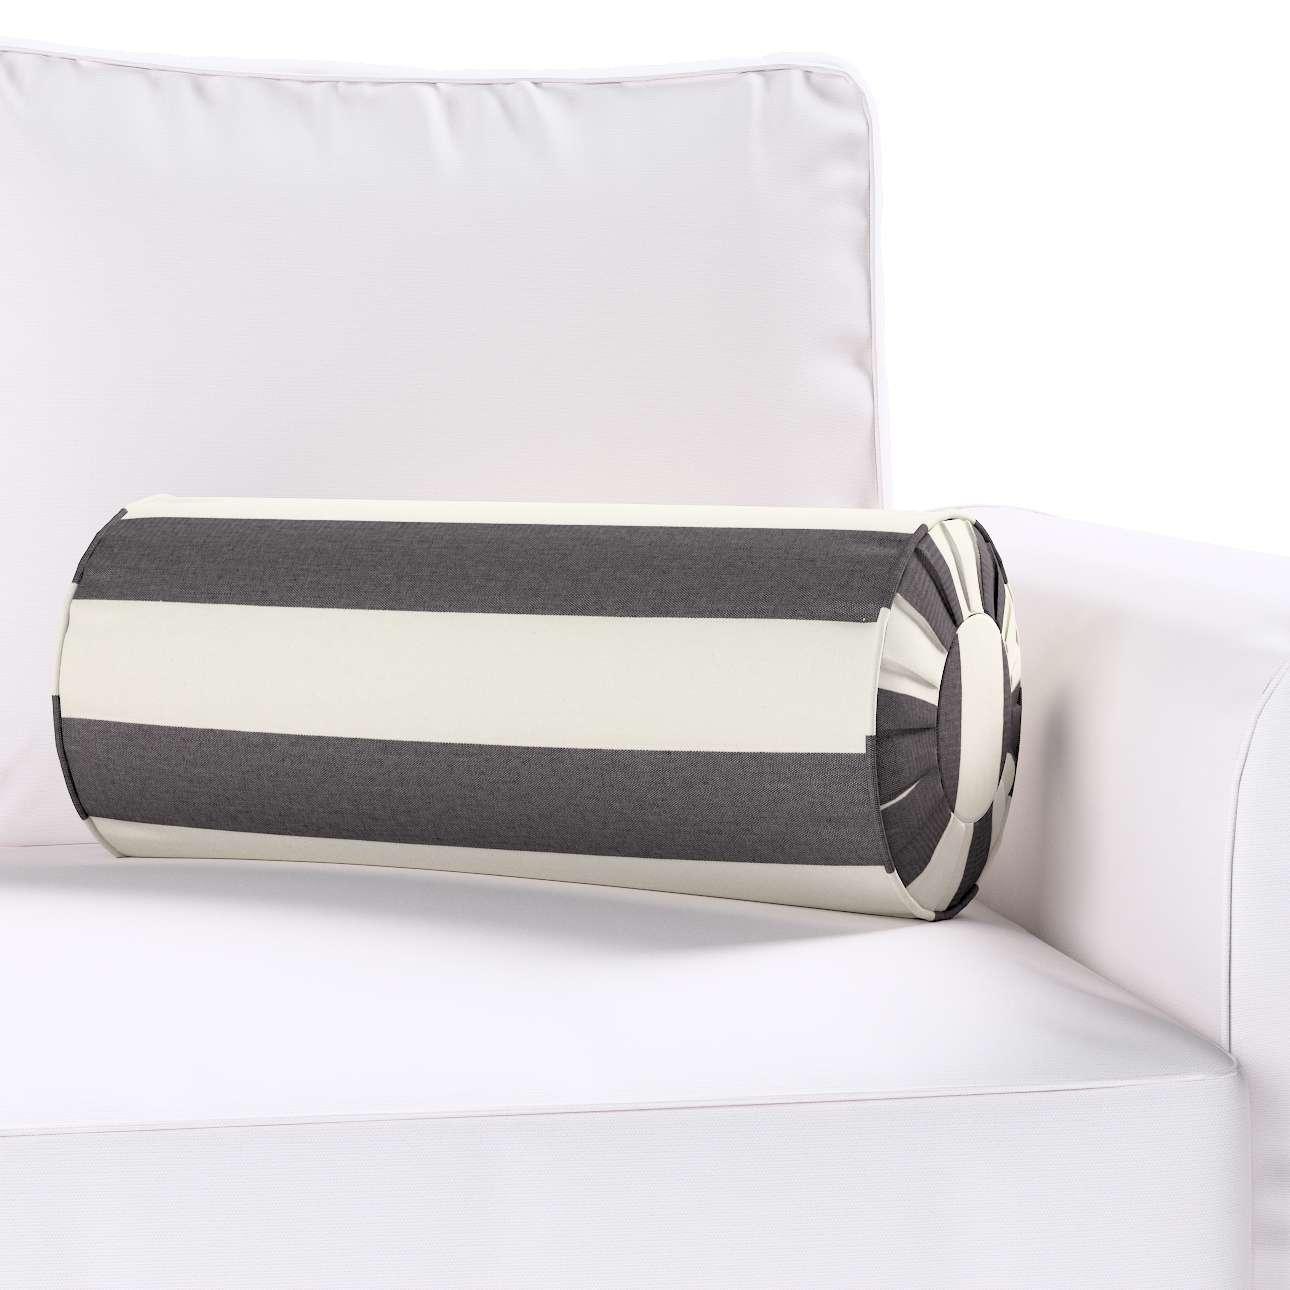 Nakkepute med folder fra kolleksjonen Quadro, Stoffets bredde: 142-72